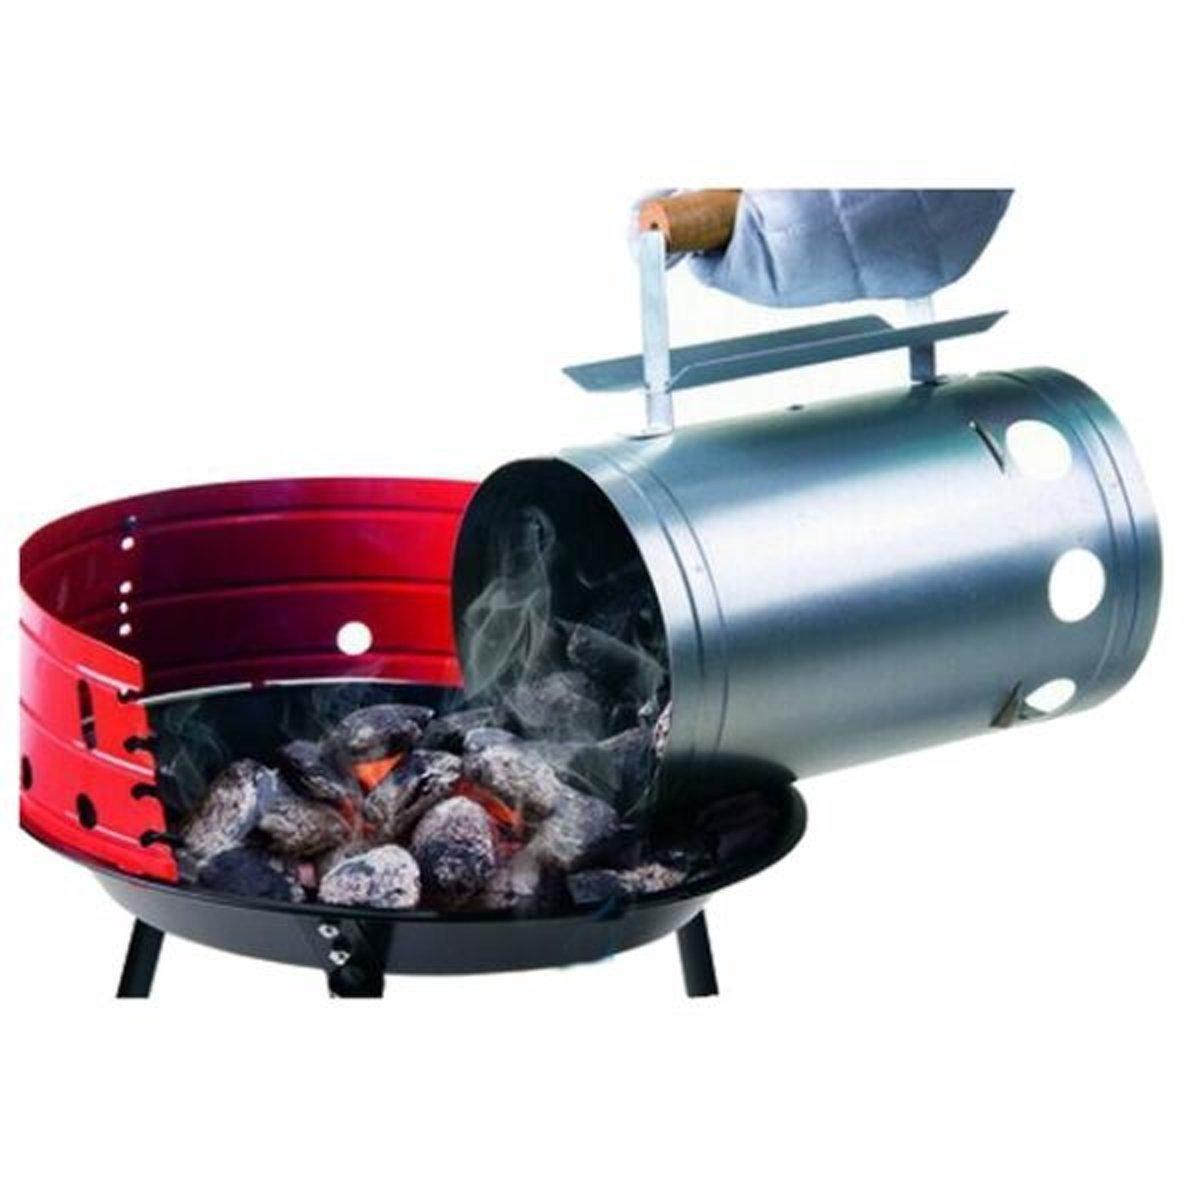 Houtskoolstarter voor barbecue - set van 2 stuks kopen